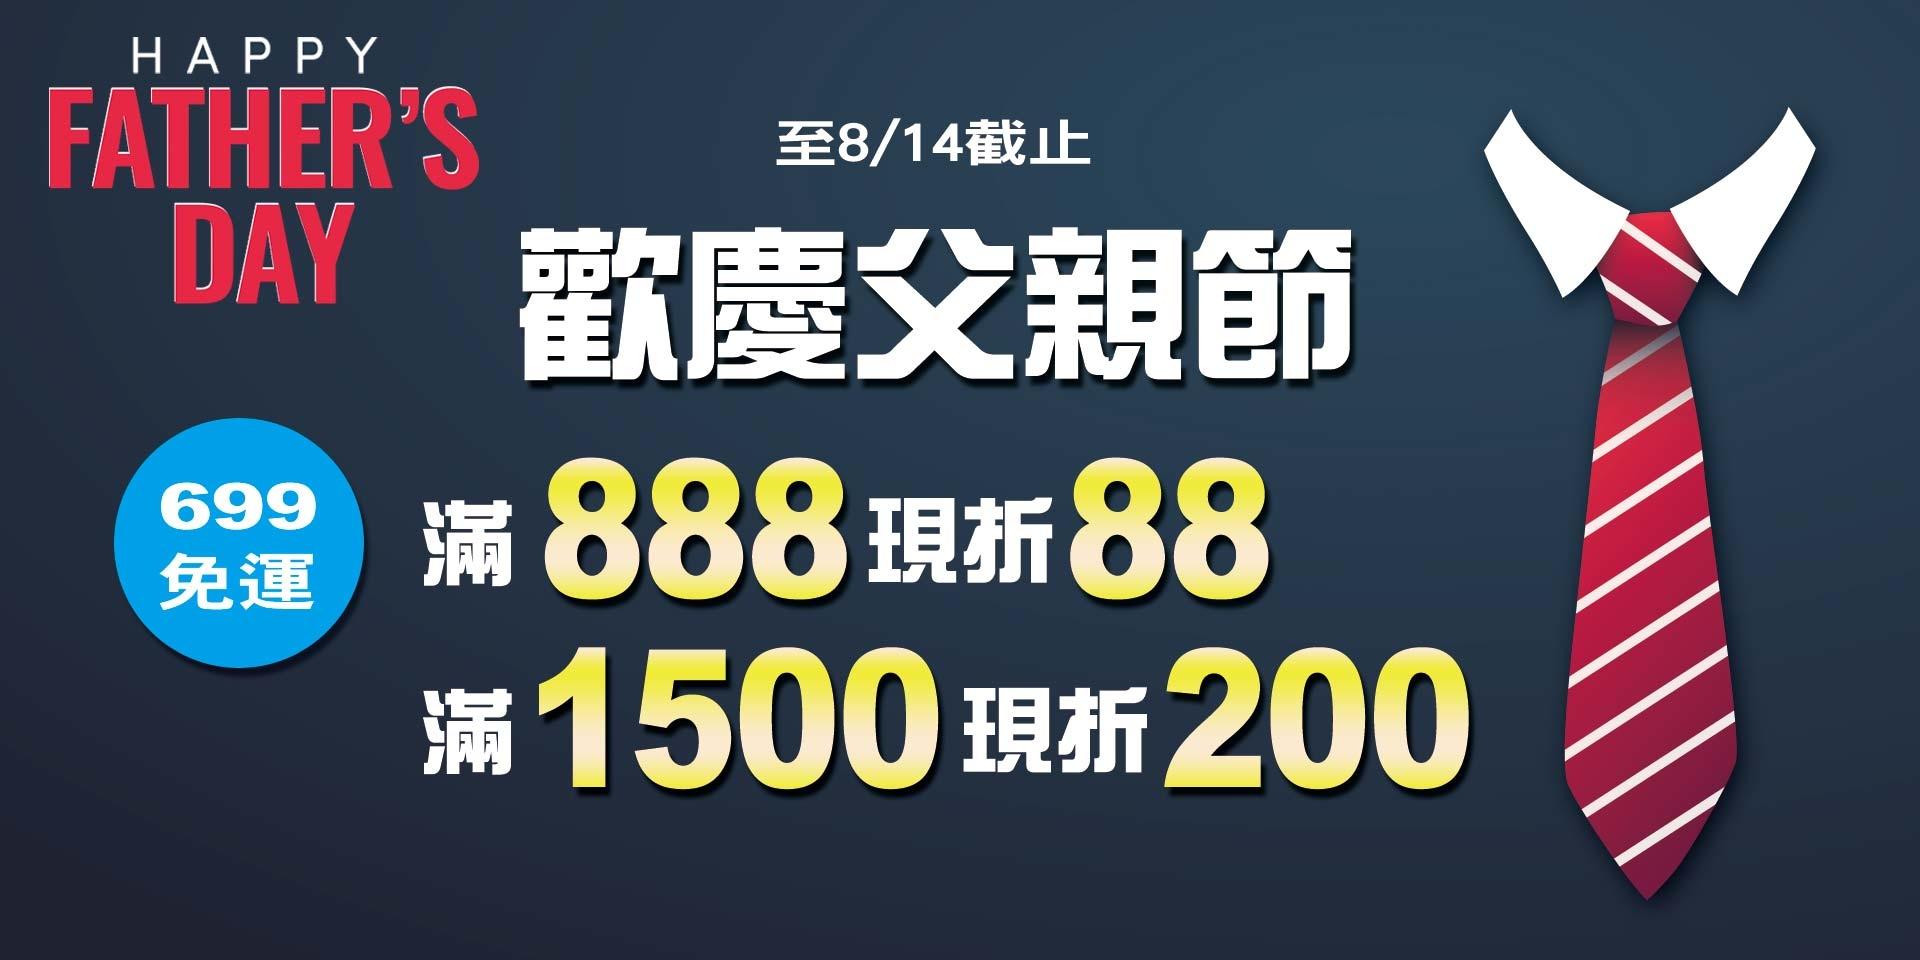 歡慶父親節~會員滿888現折88、滿1500現折200元!